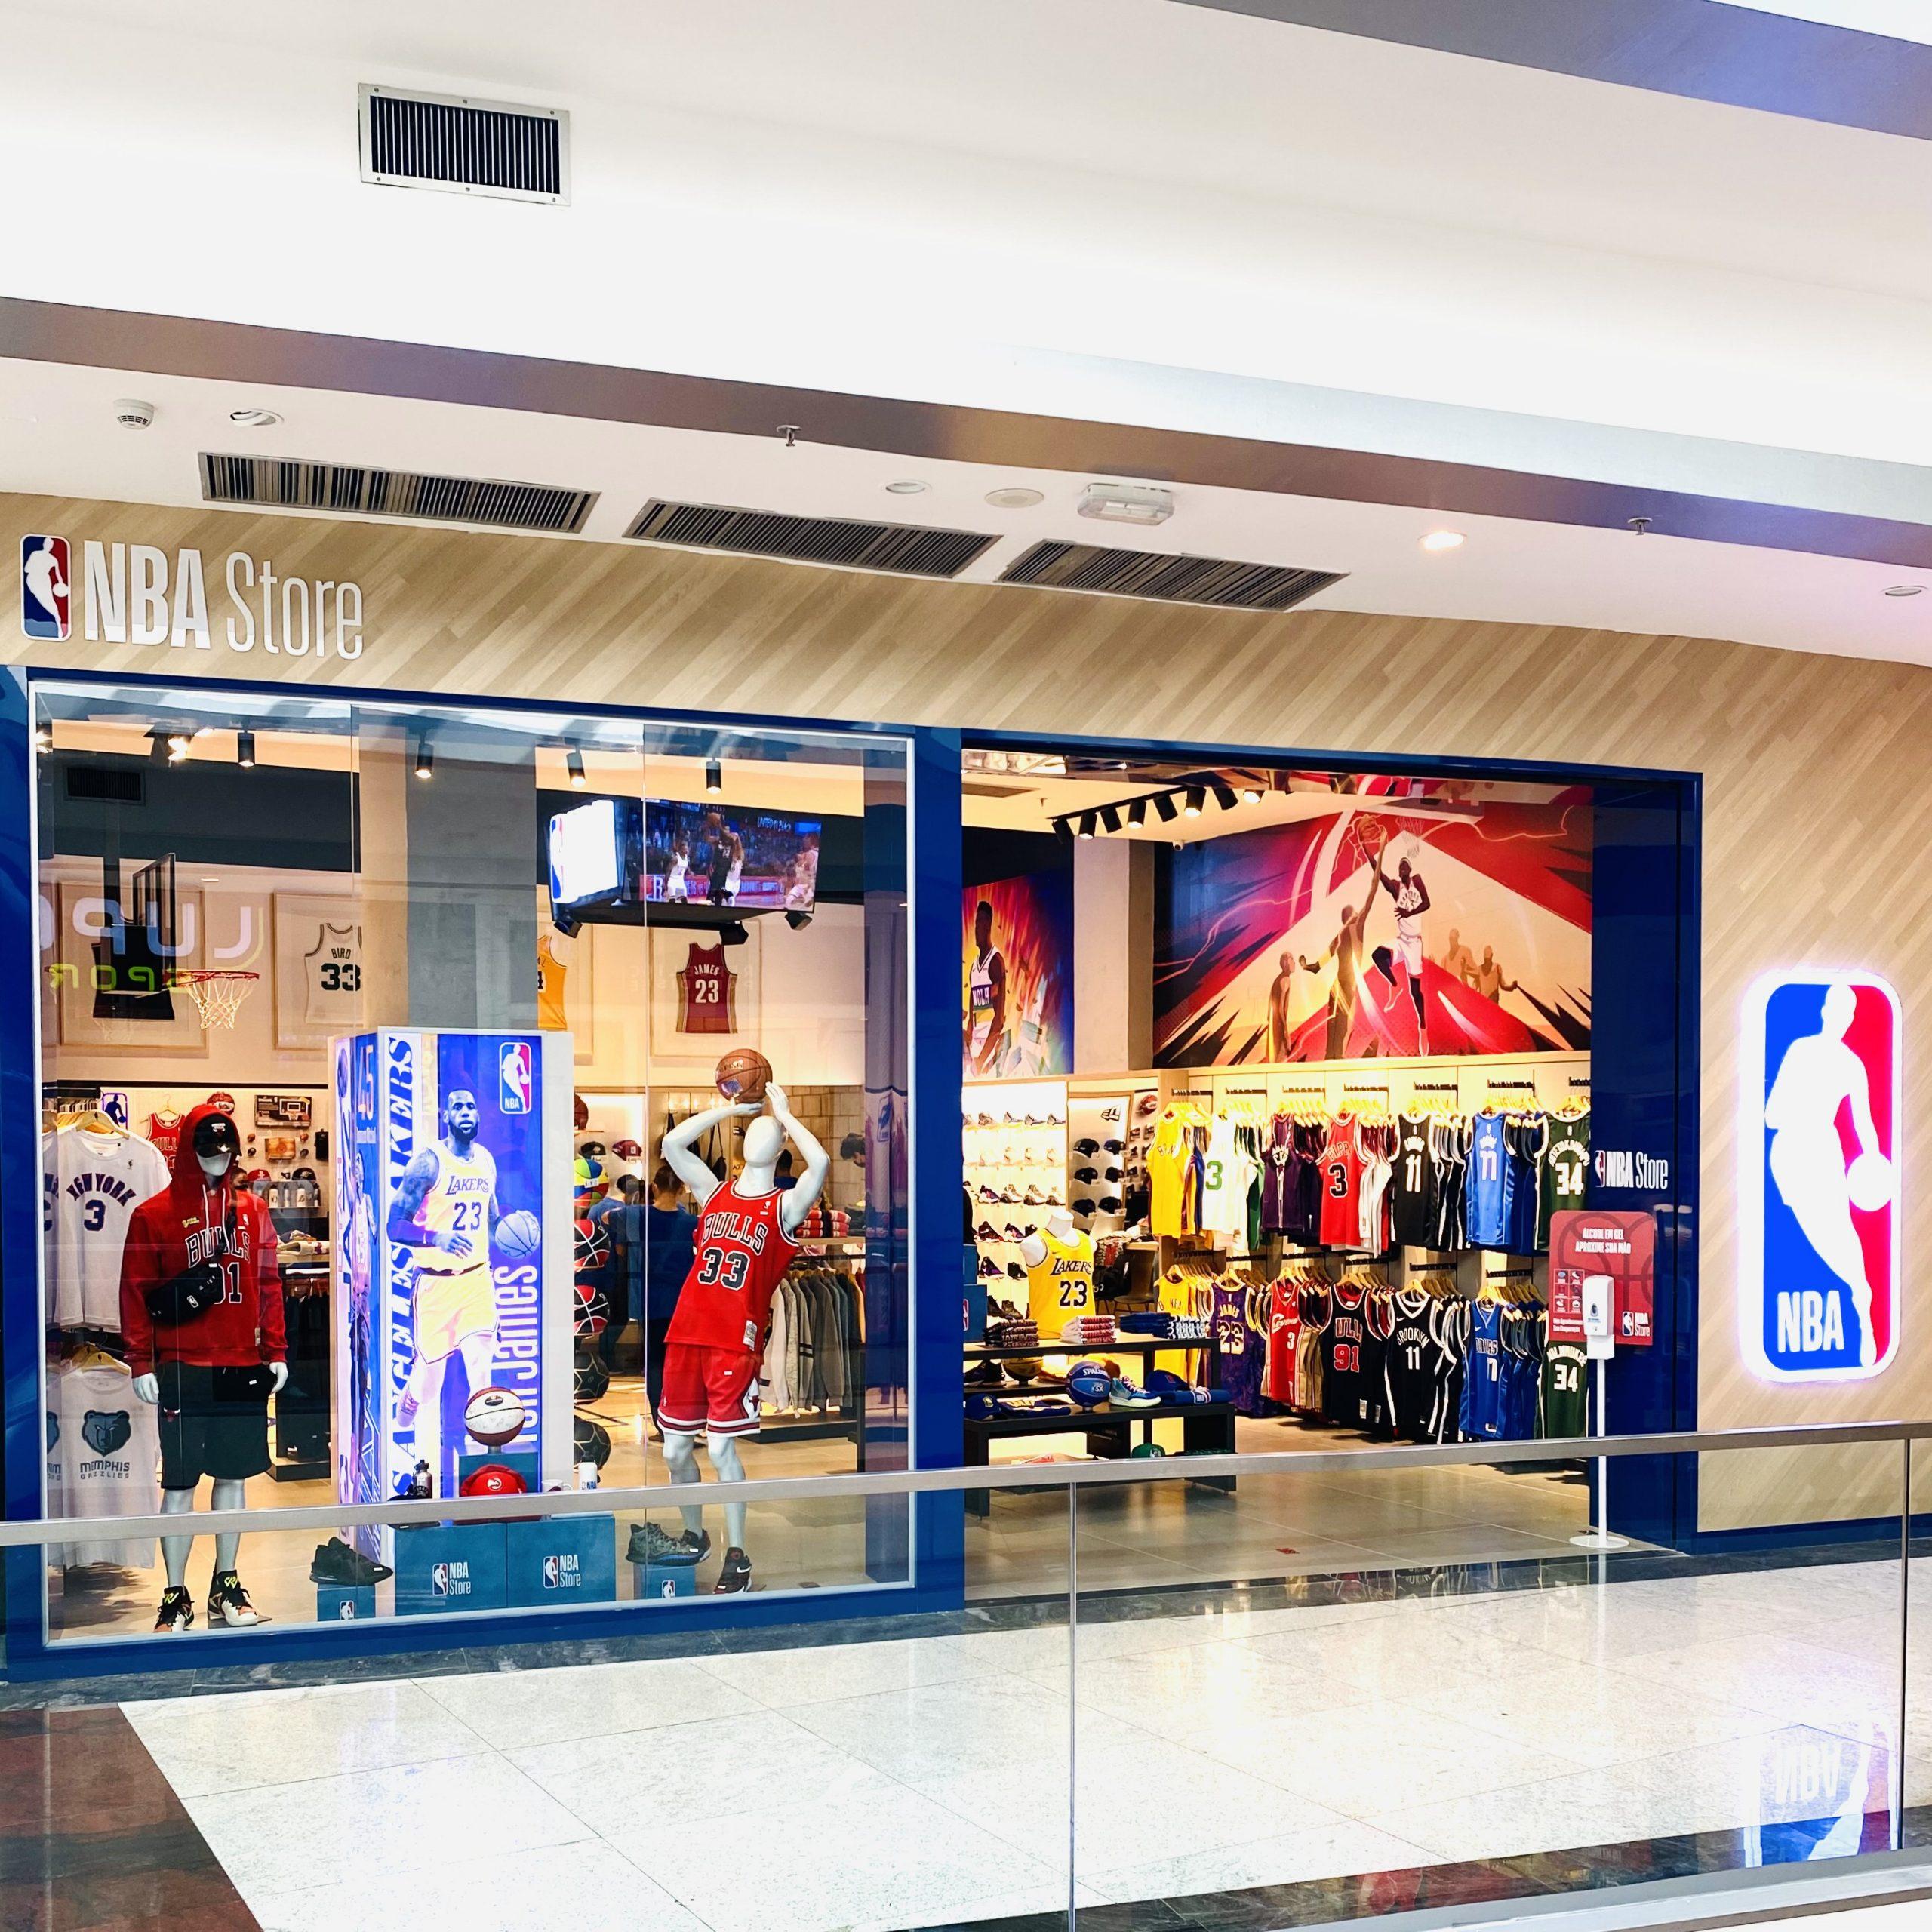 Shopping Iguatemi Fortaleza inaugura a primeira NBA Store do Norte-Nordeste